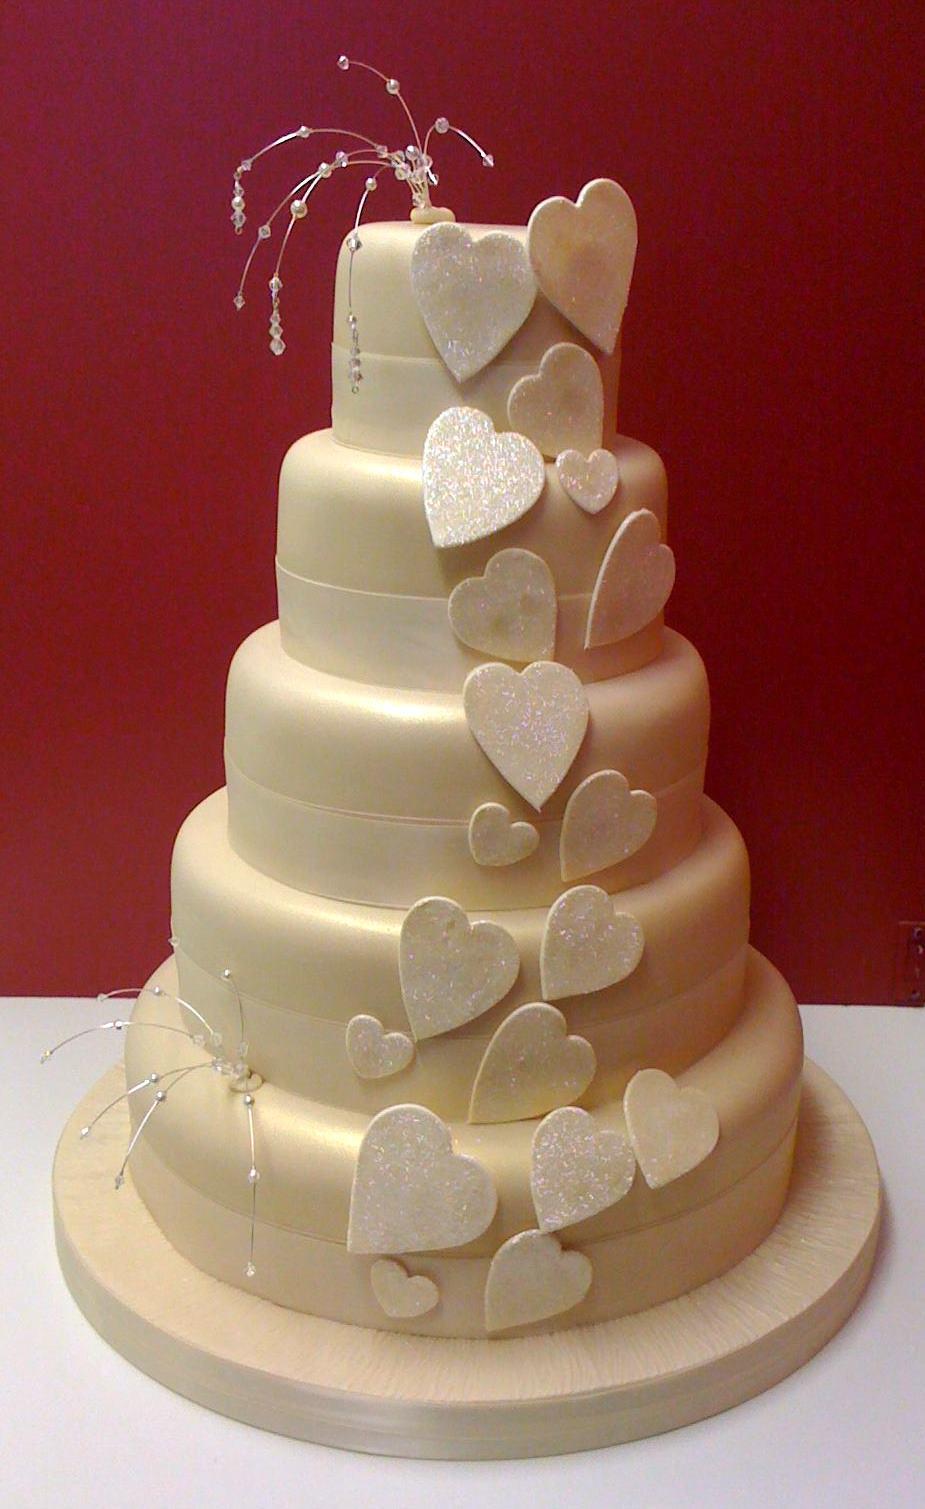 Wedding Cakes Blogs  Some of last weeks wedding cakes Jenny s Cake Blog